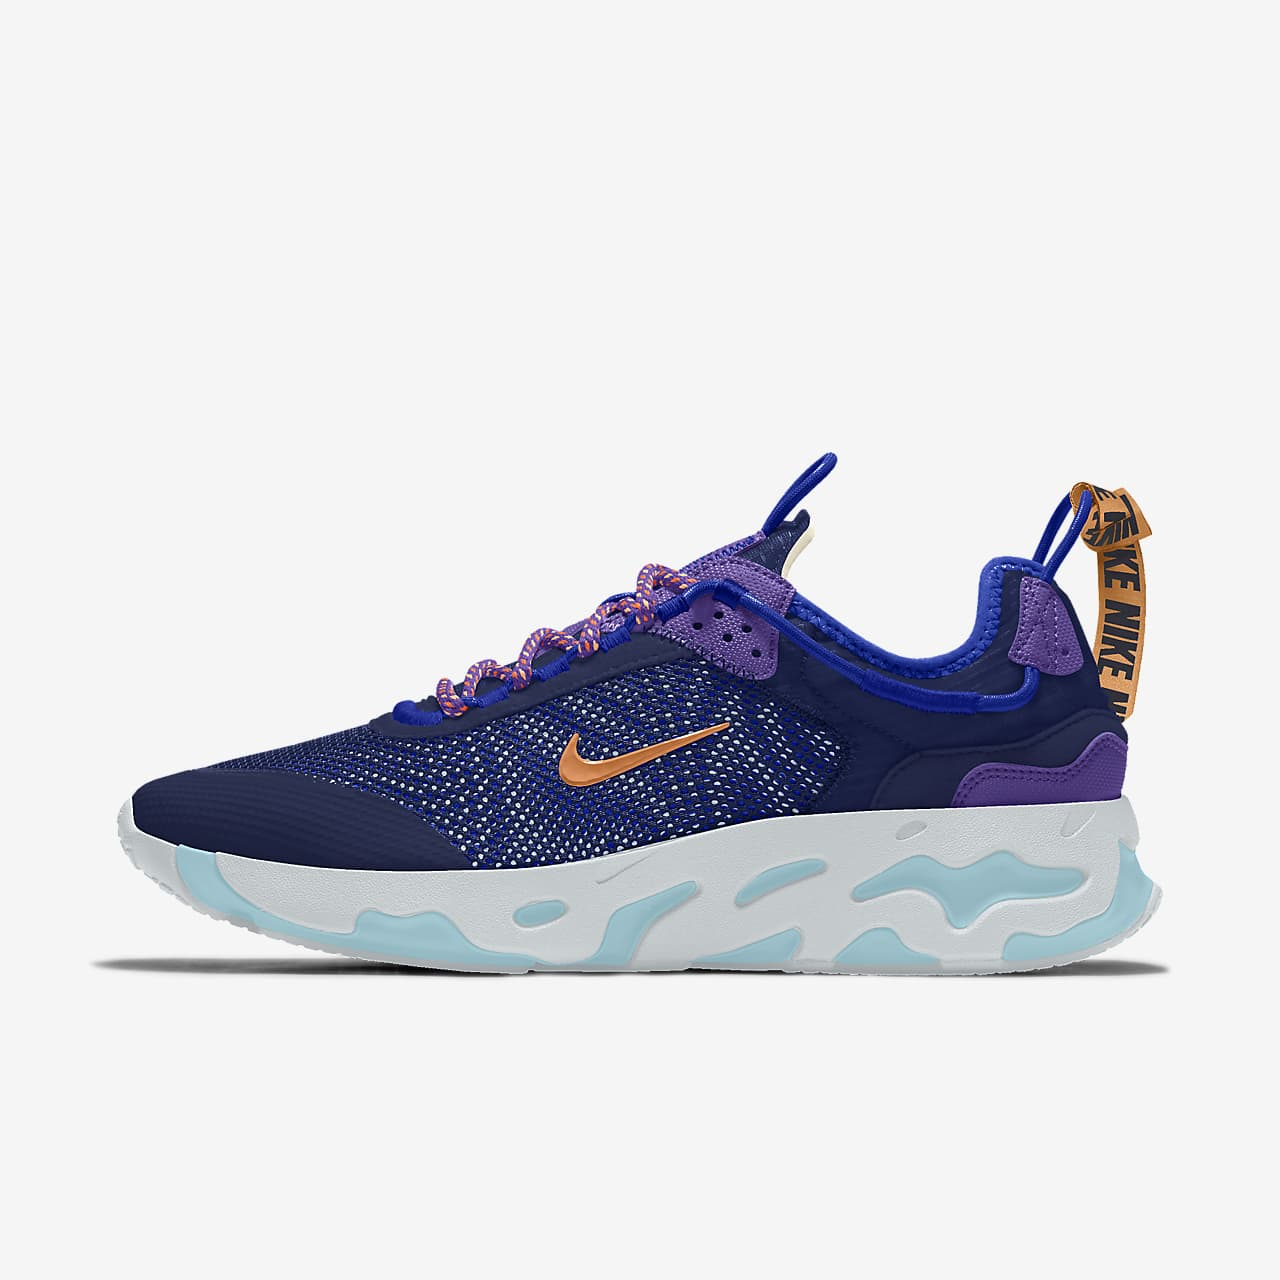 Кроссовки с индивидуальным дизайном Nike React Live By You